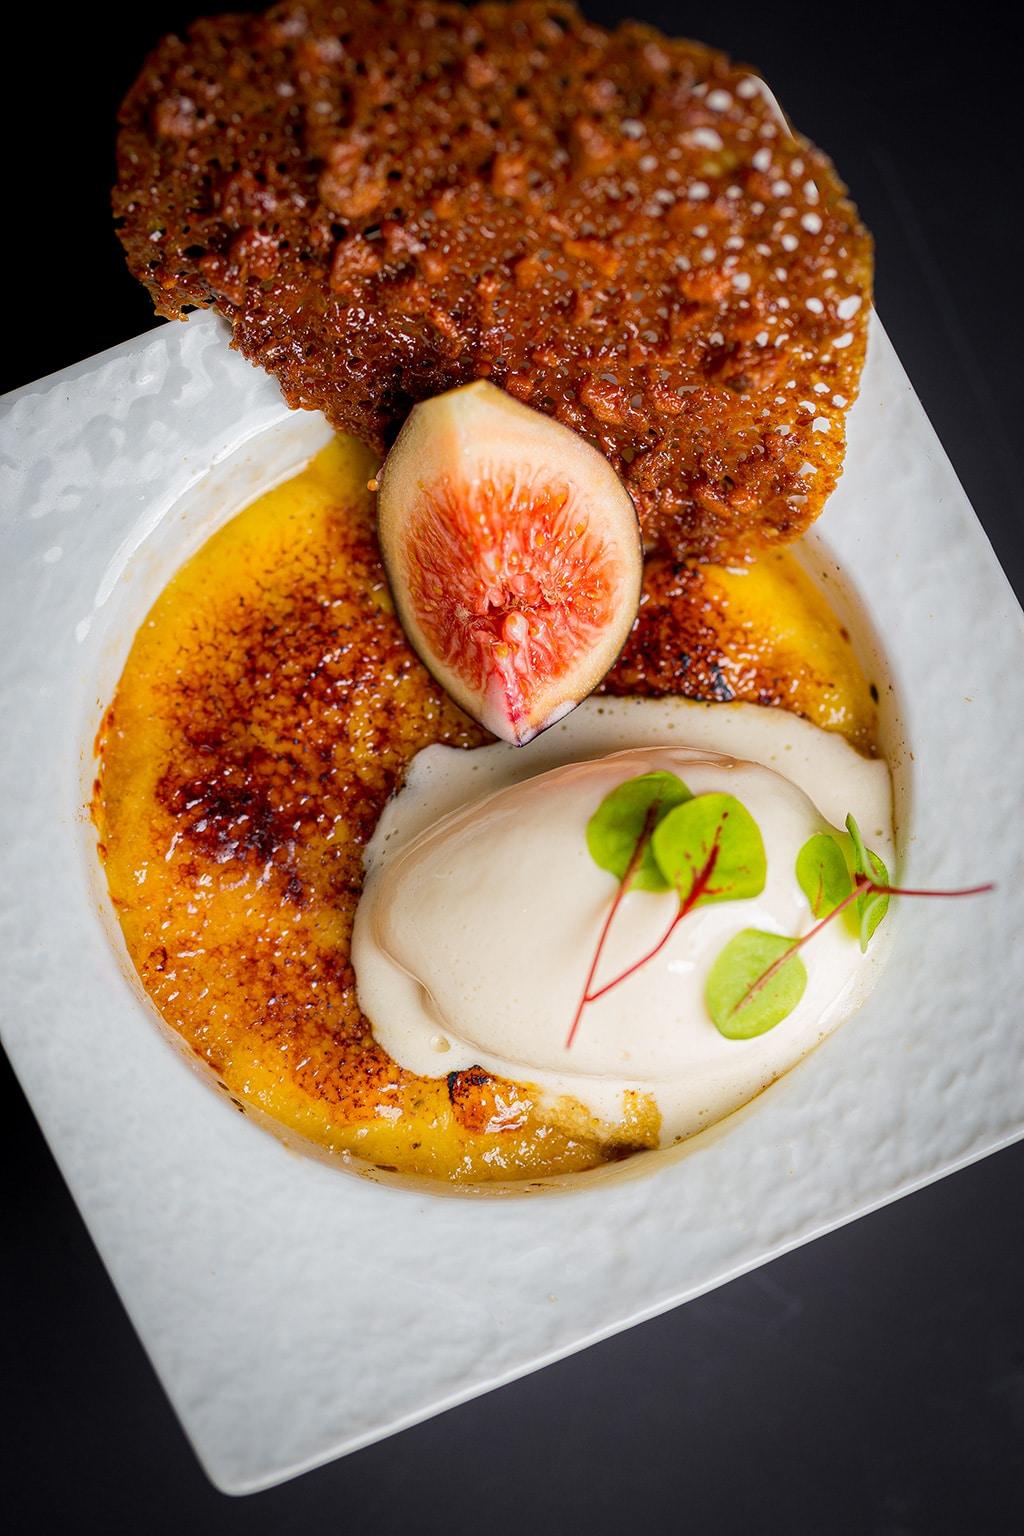 Crème brûlée au confit de figues et vanille, glace verveine.